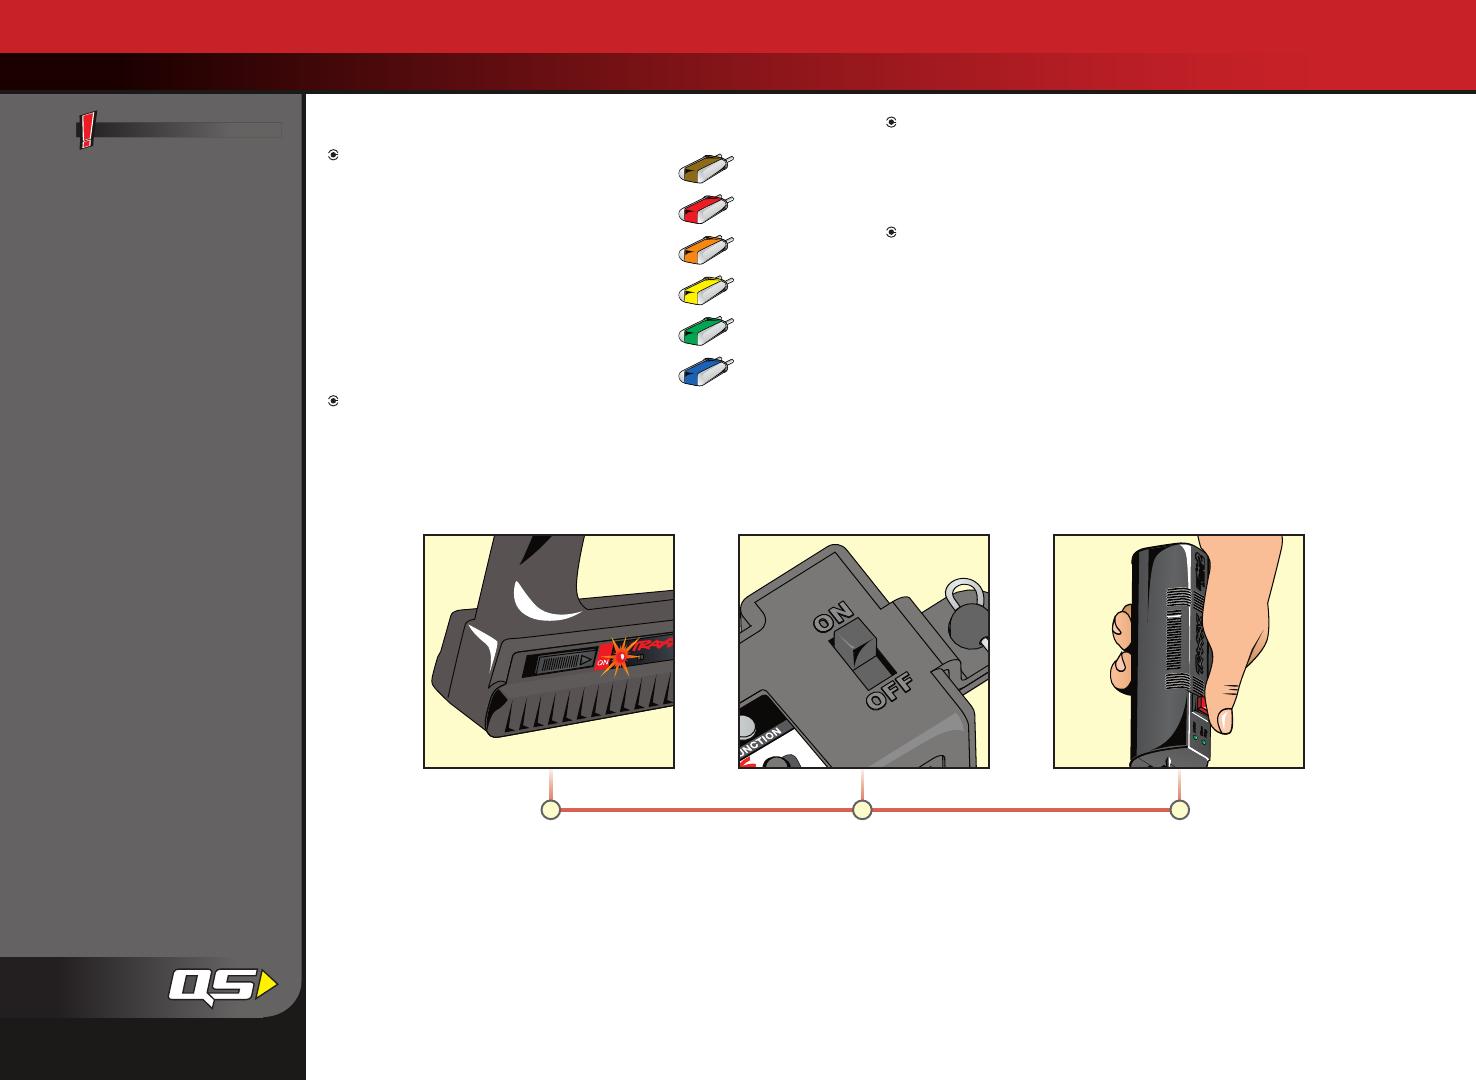 Revo 3 3 Wiring Diagram - Diagrams Catalogue